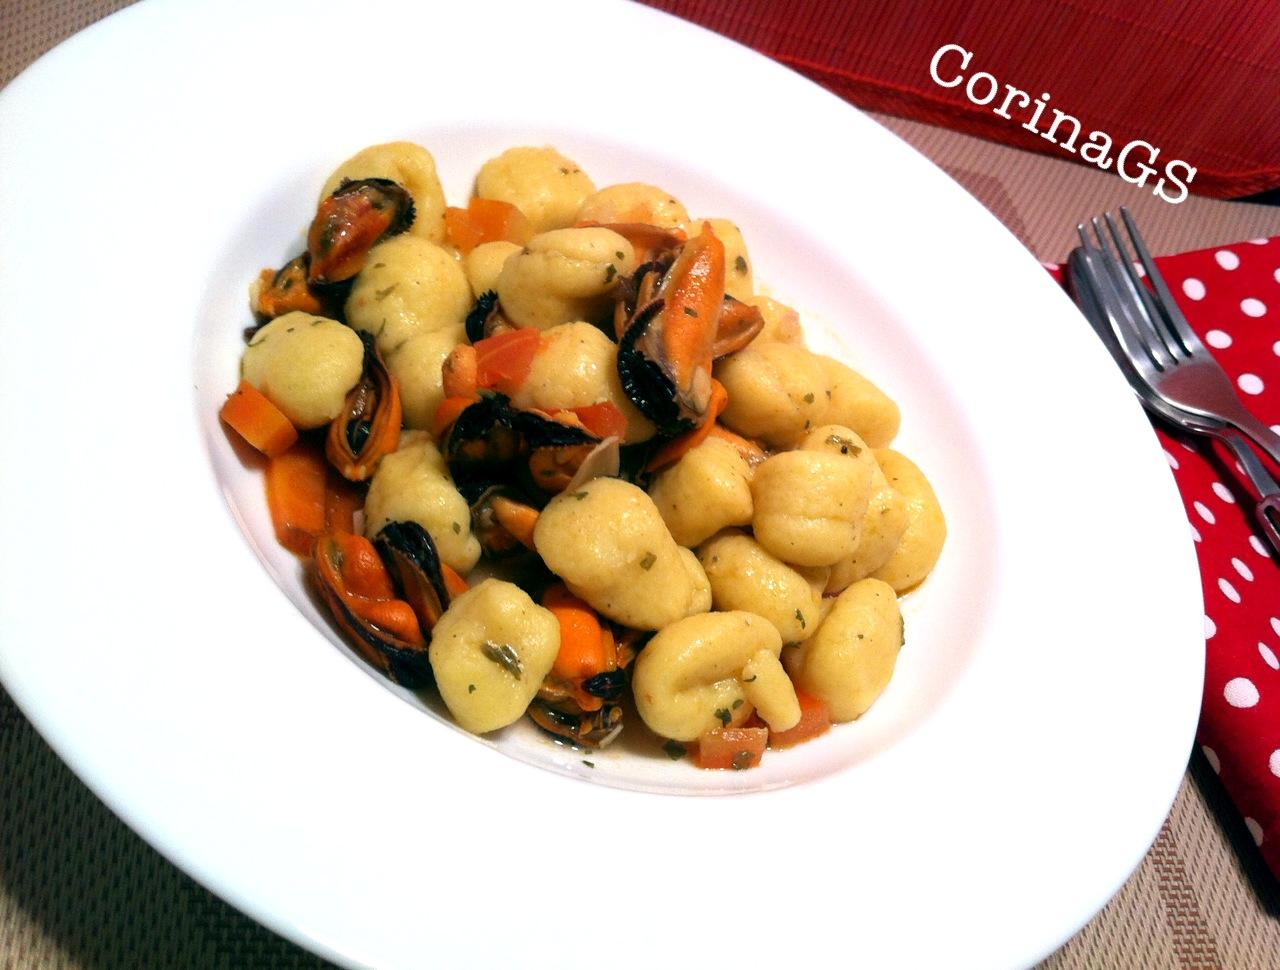 Gnocchi con sugo di cozze Ricetta base primo piatto CorinaGS